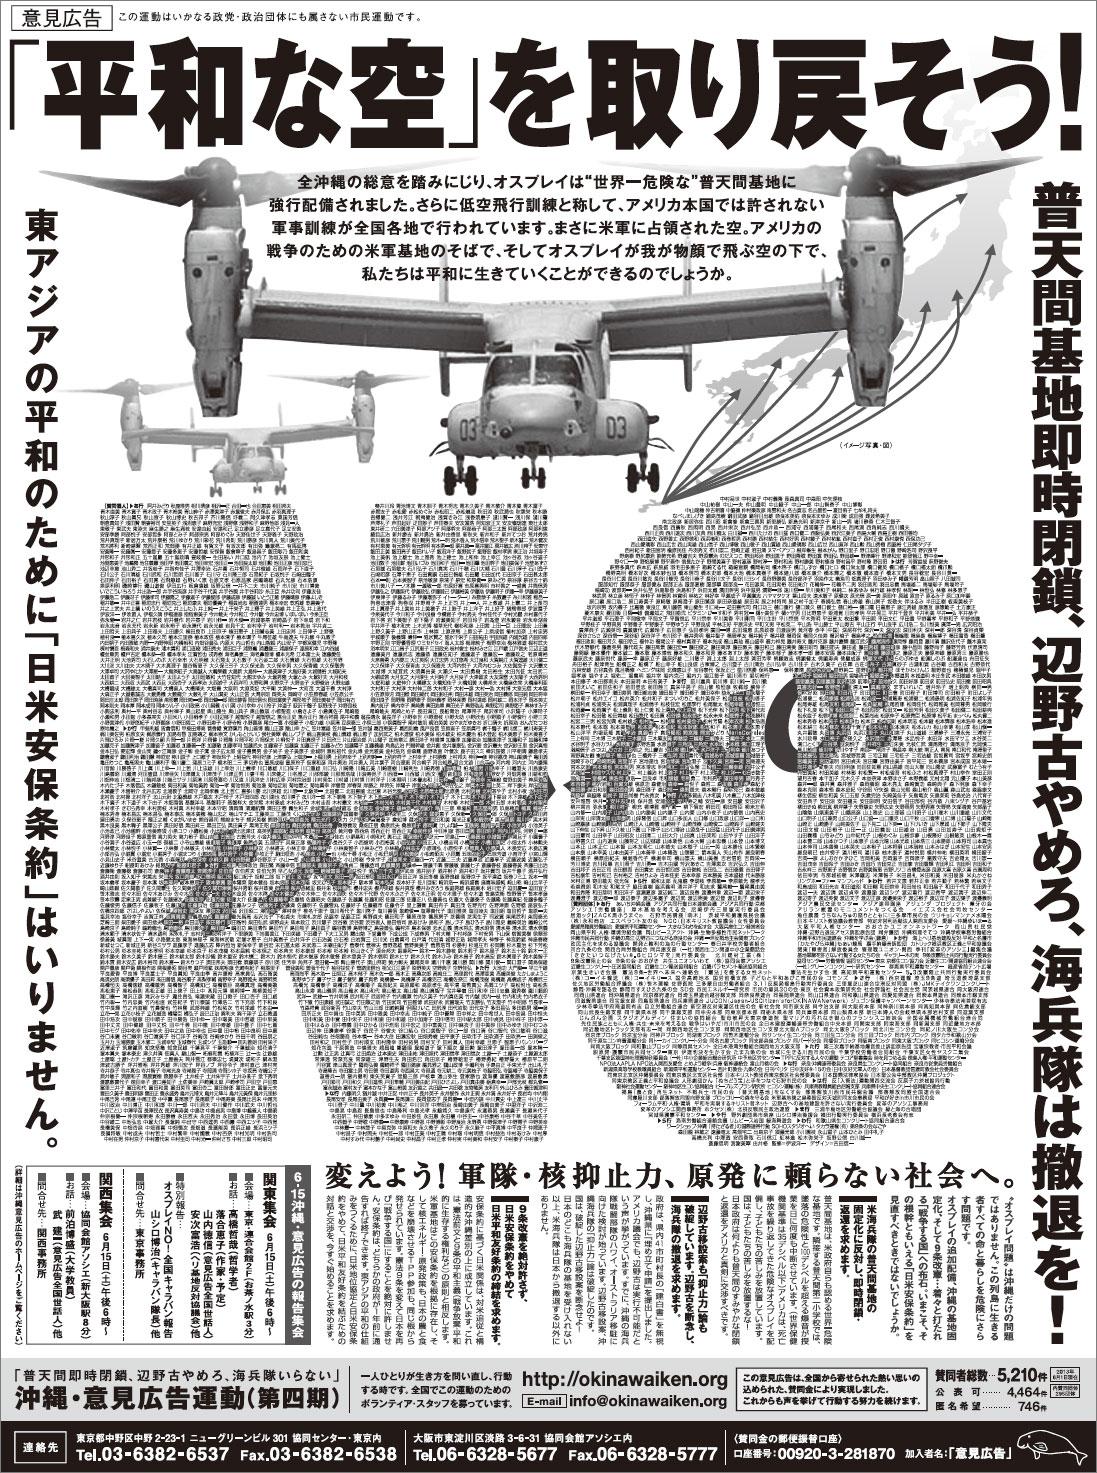 第4期沖縄意見広告掲載 rentai-u...